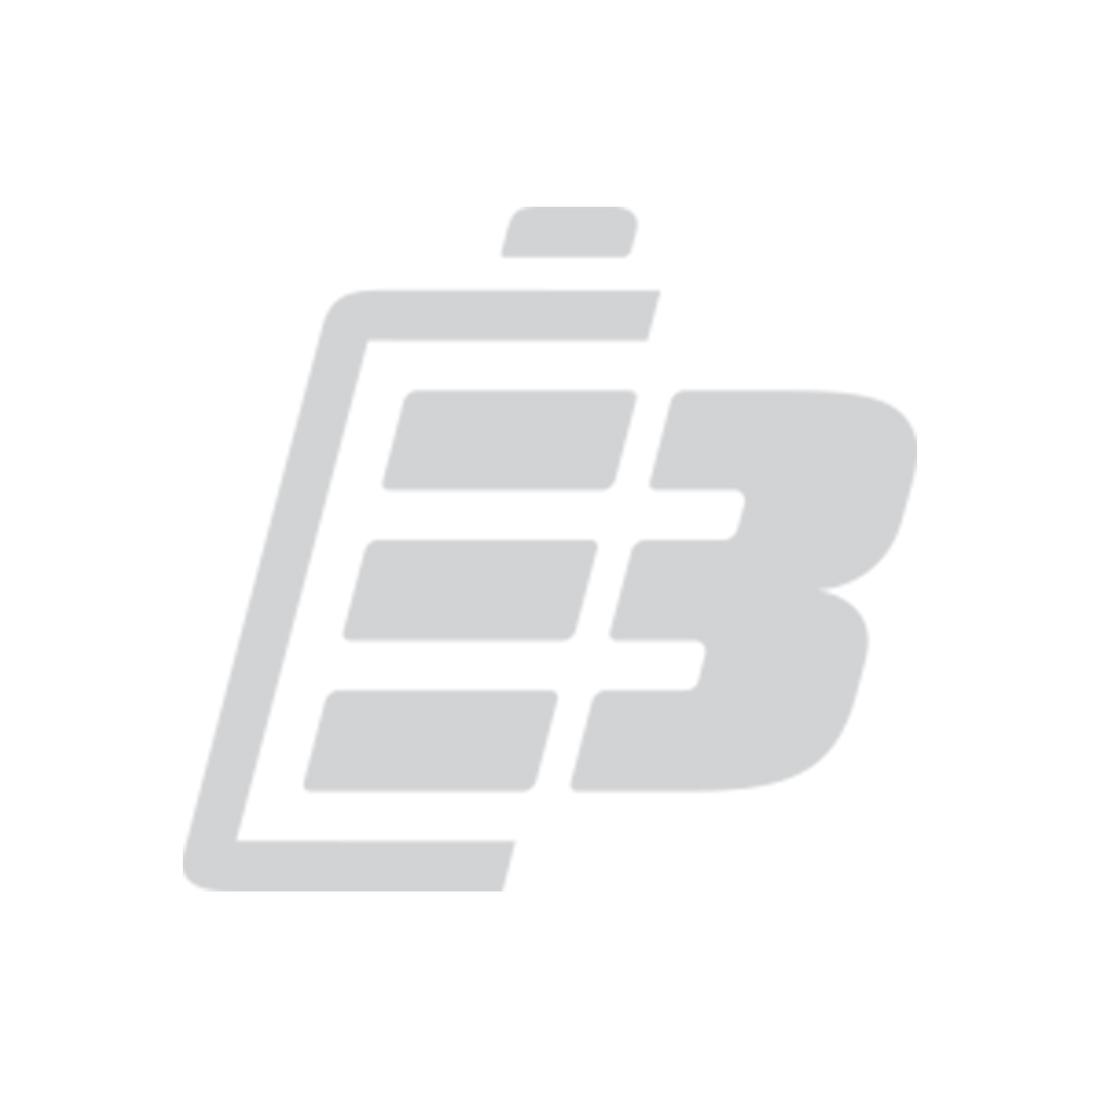 Μπαταρία ηλεκτρικού κολάρου Sportdog SD-1825 Trainer Receiver_1